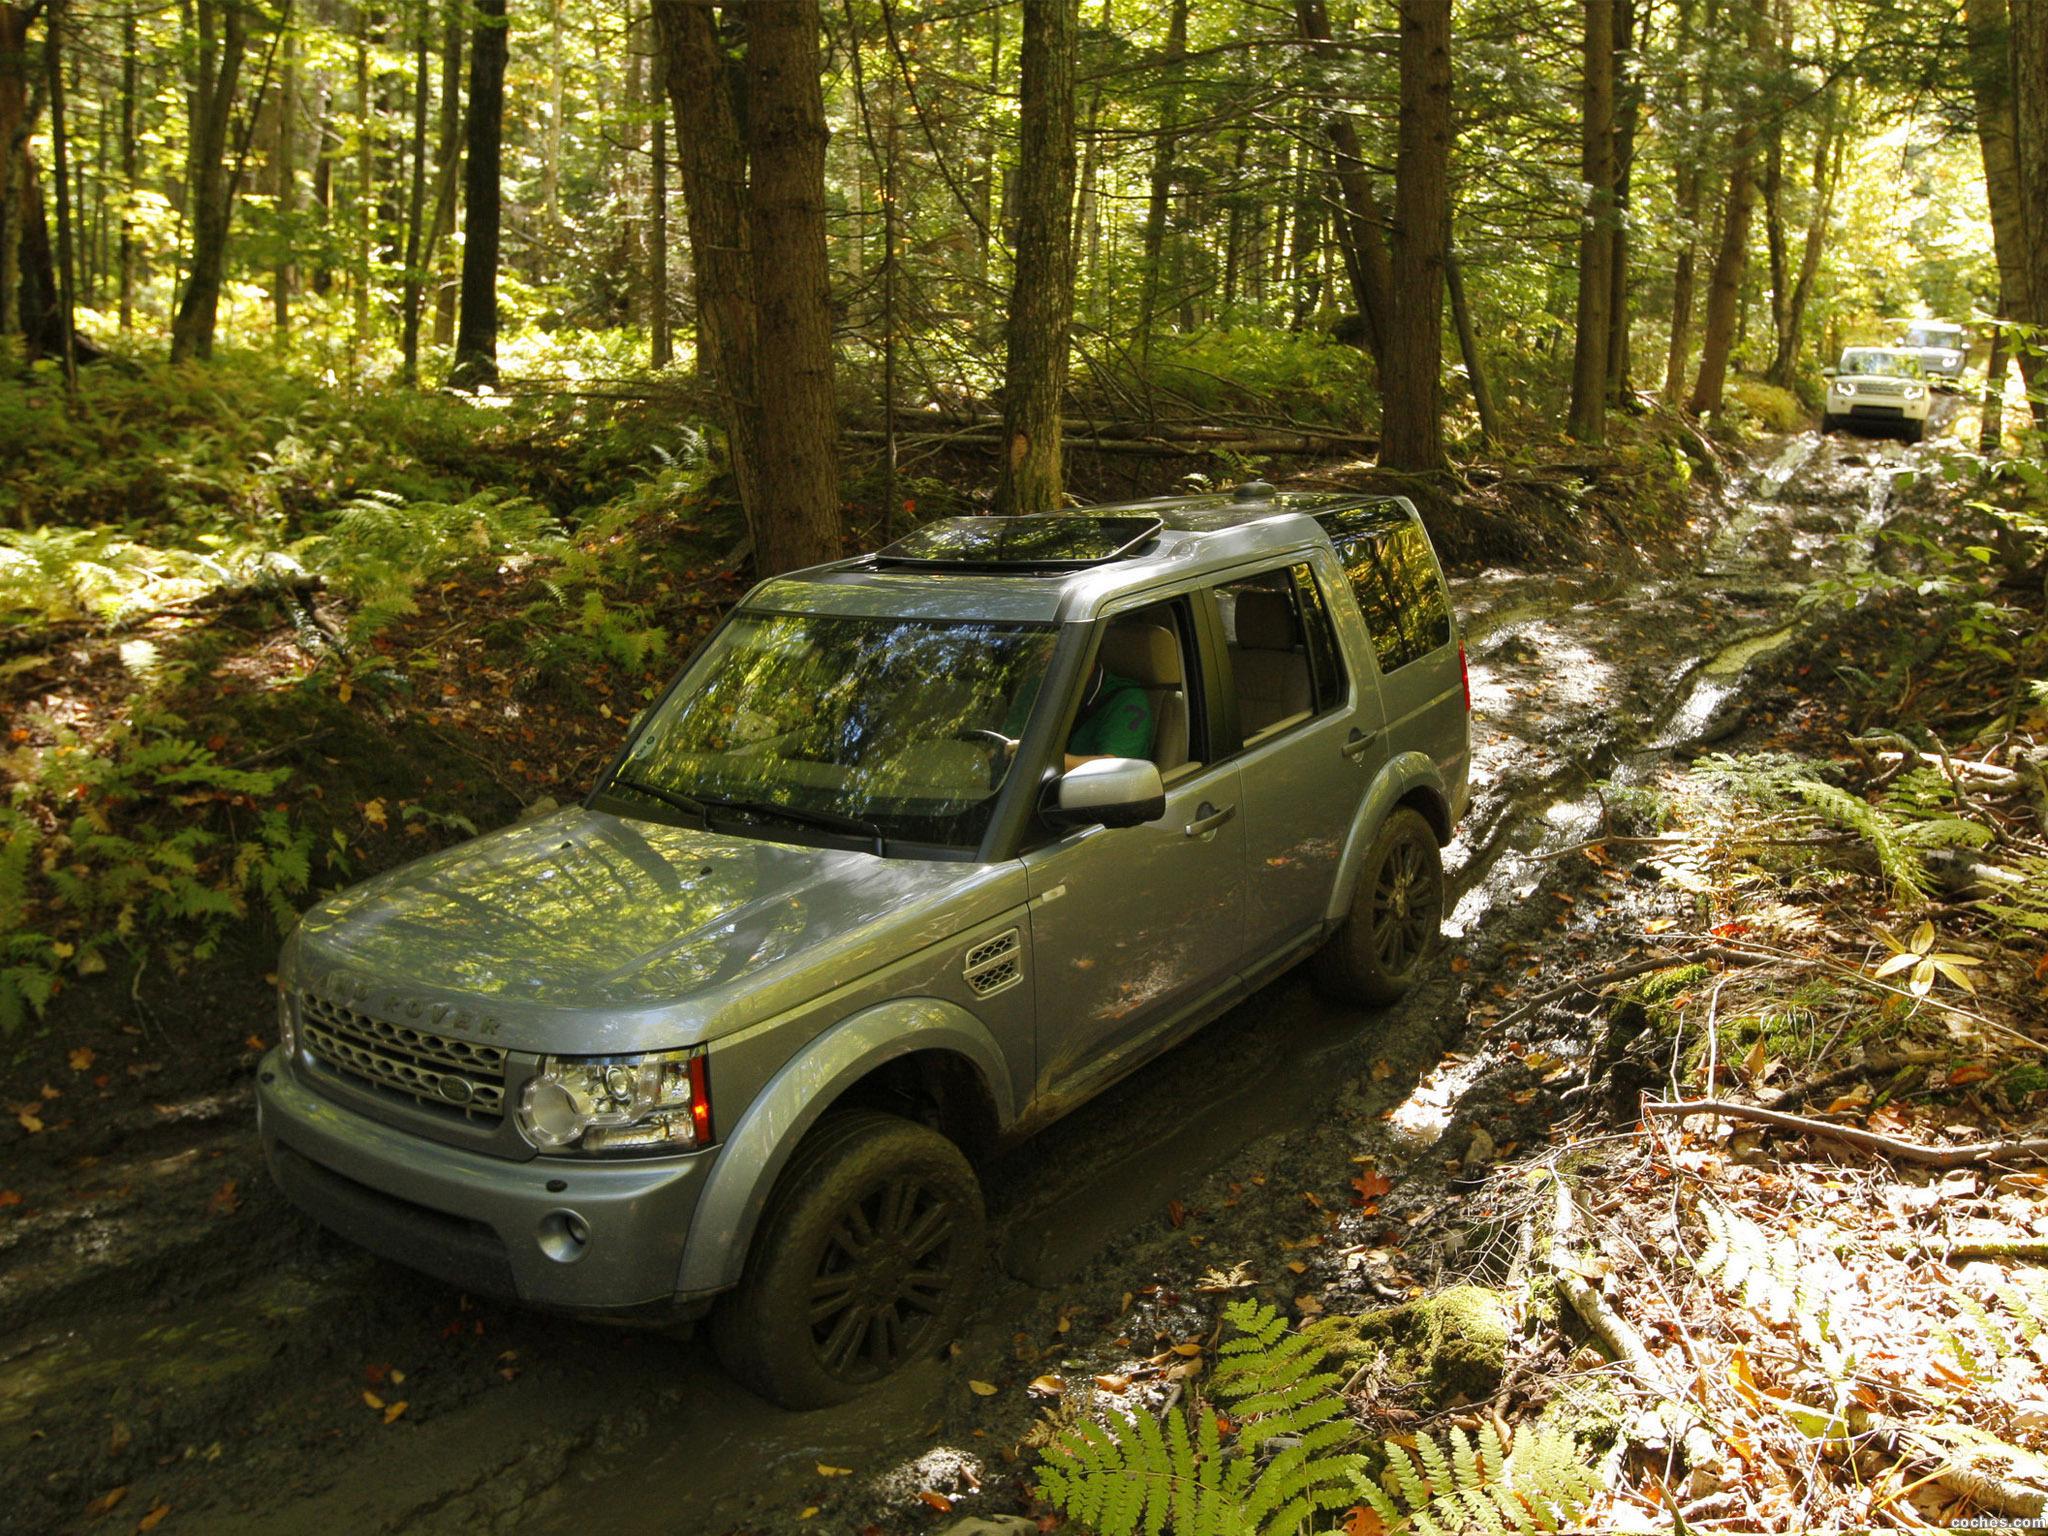 Foto 18 de Land Rover Discovery LR4 2009